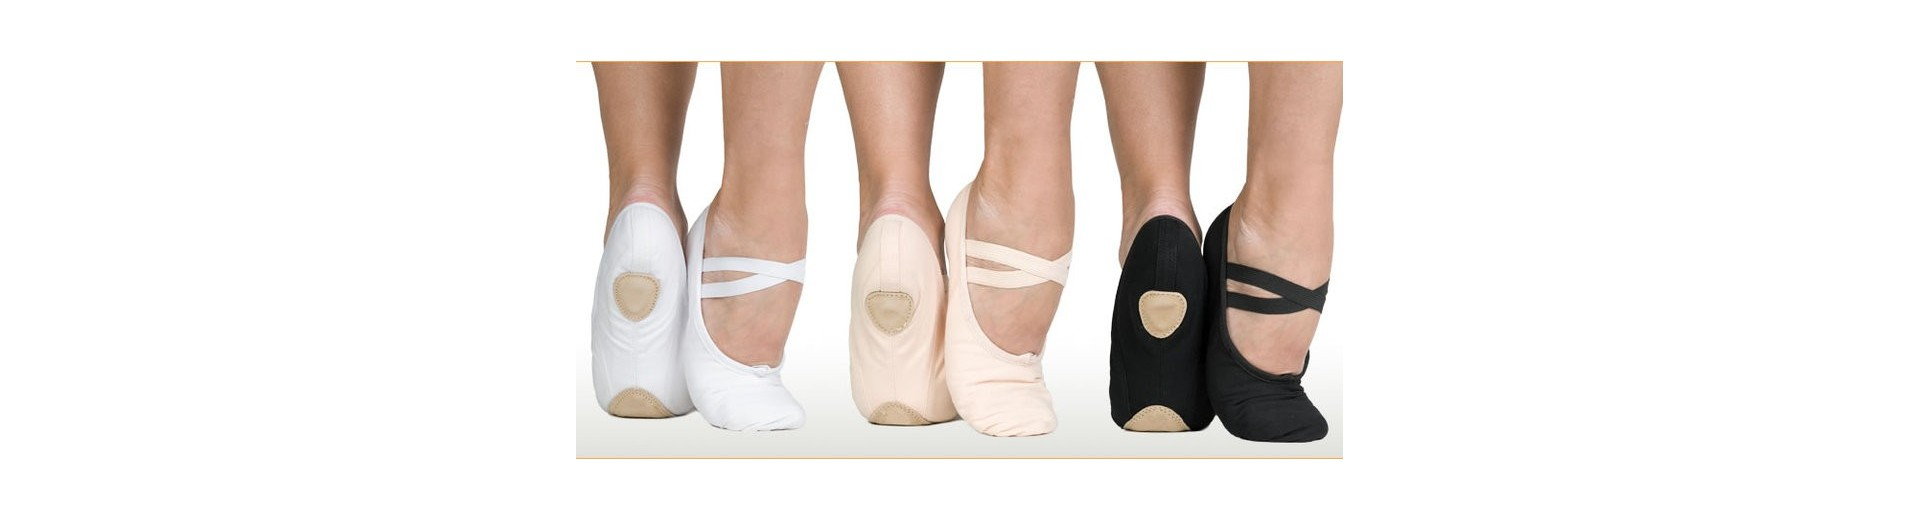 DEMI-POINTES (Ballet Shoes)